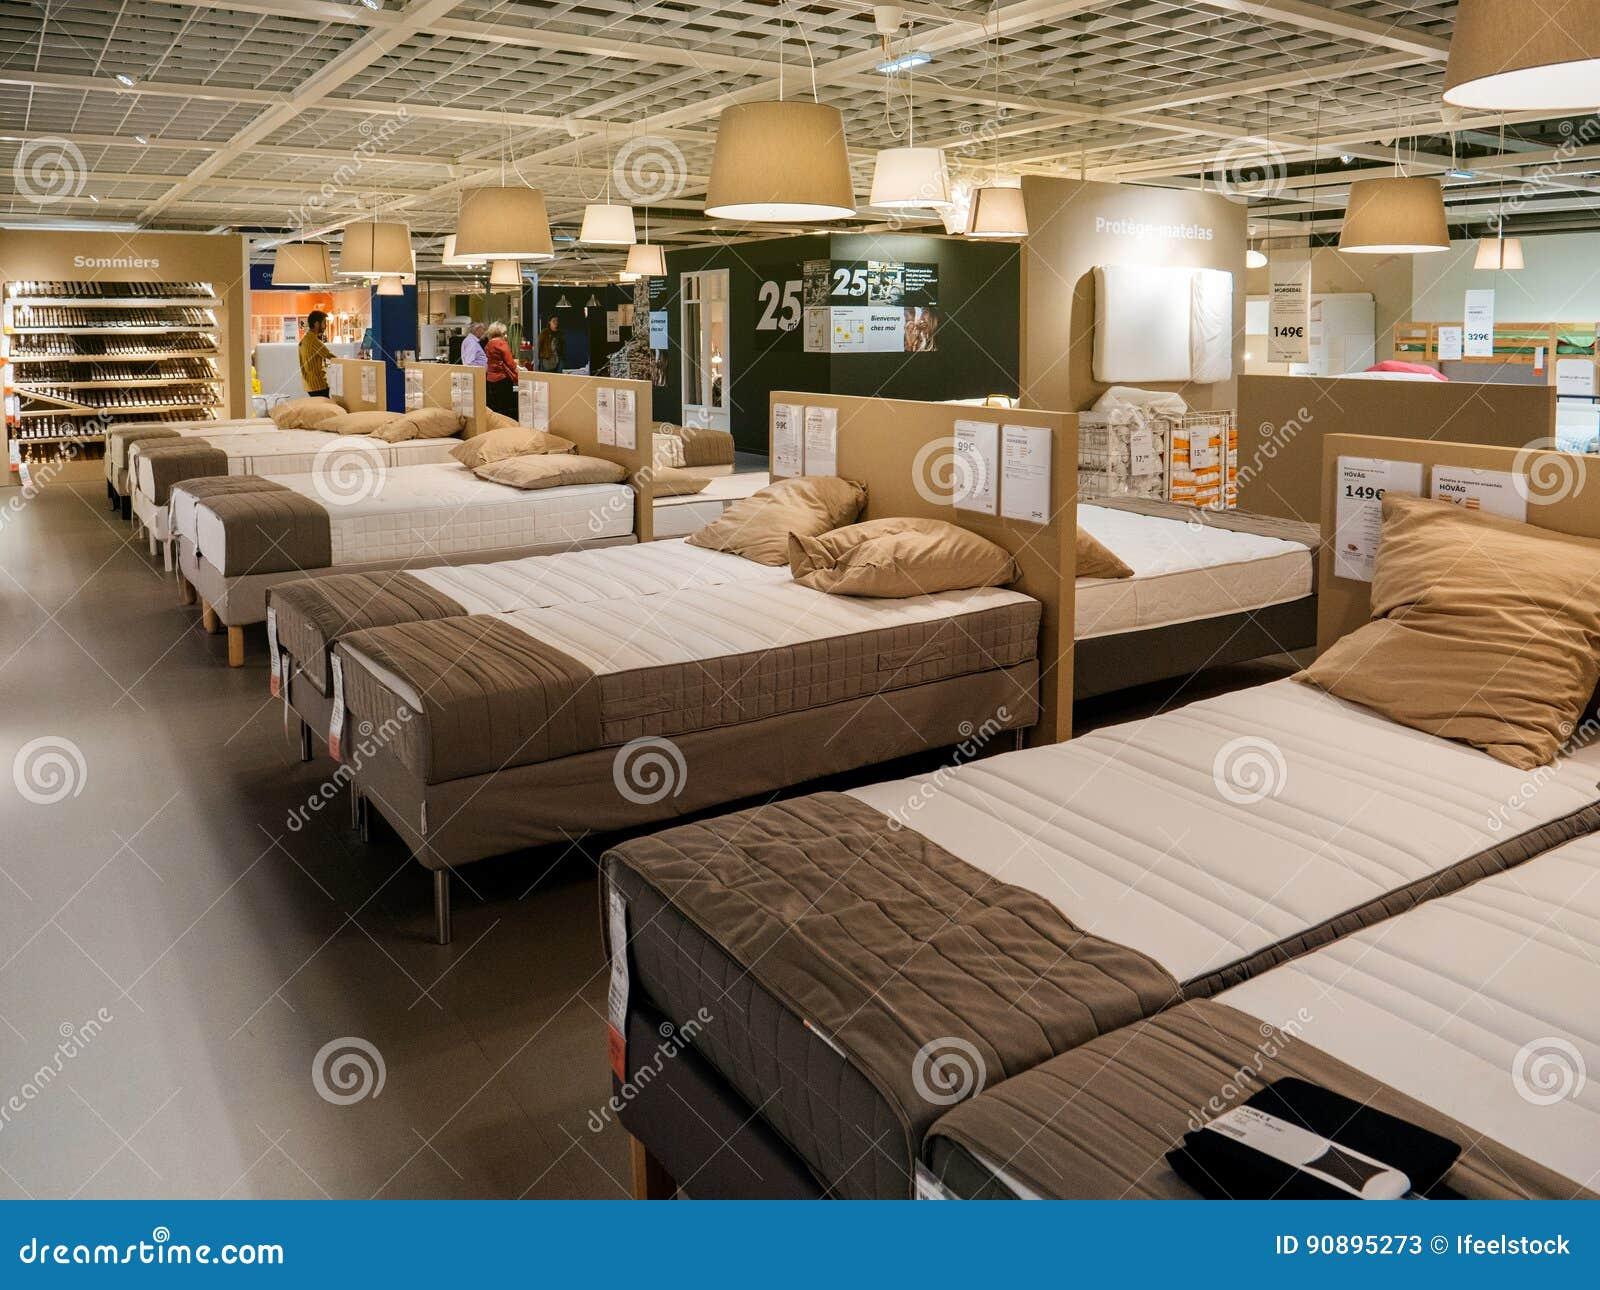 Materac I łóżka Klientów Meblarski Zakup Ikea Zdjęcie Stock